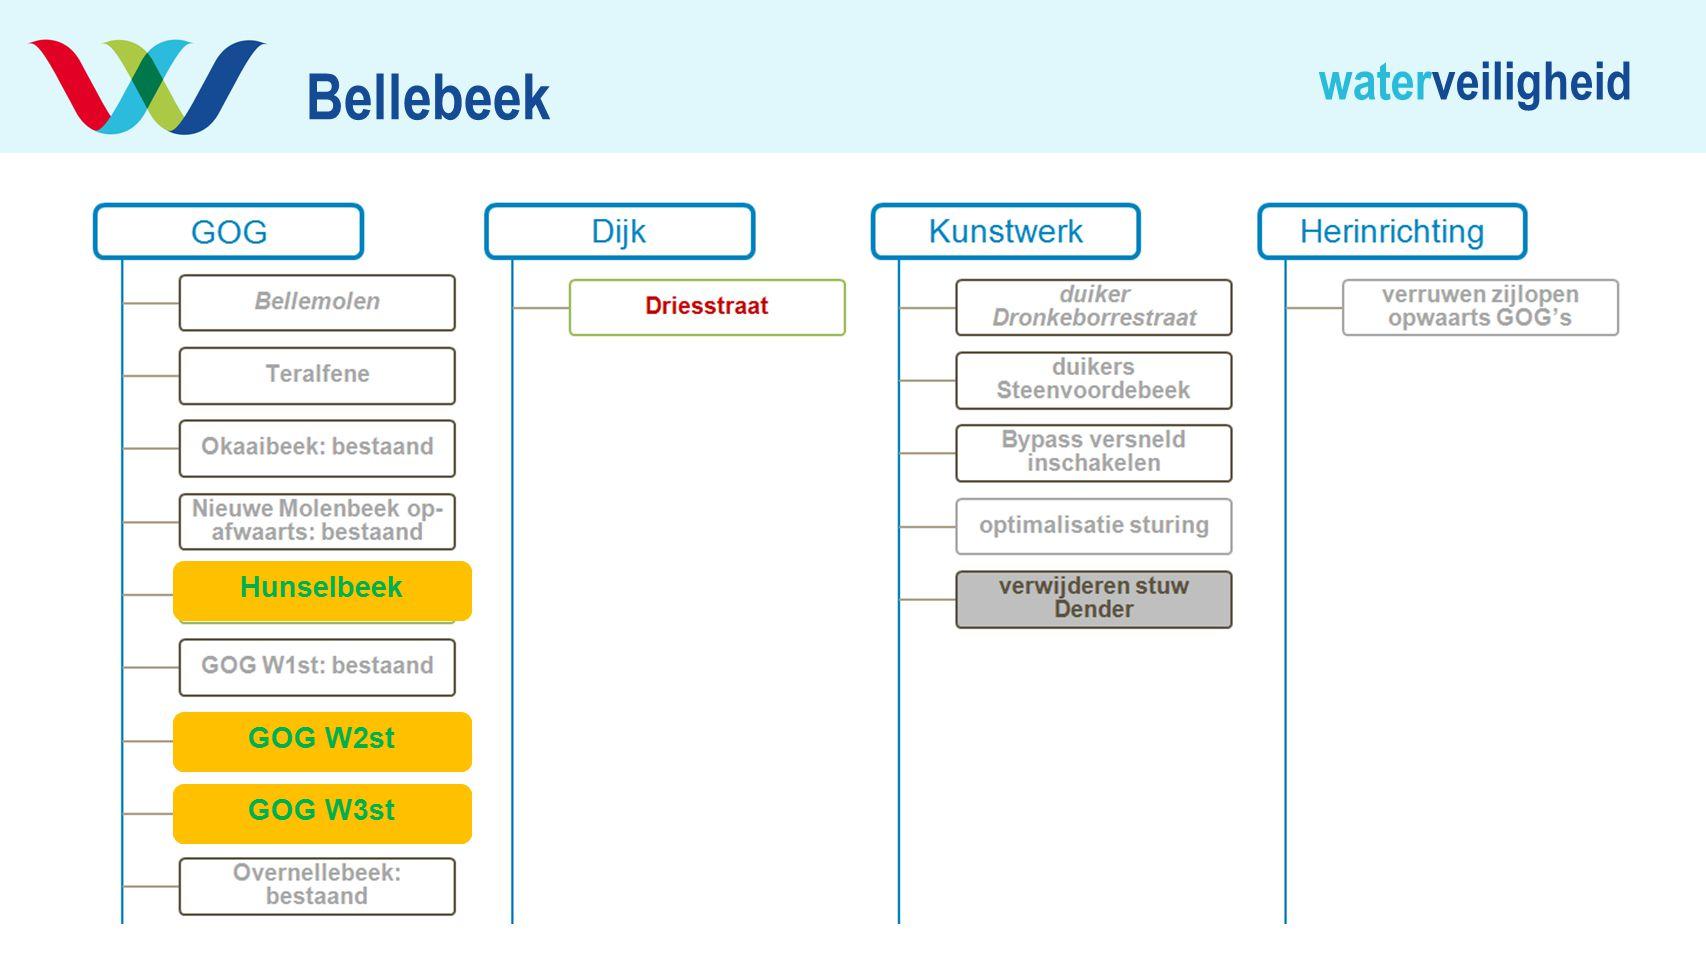 waterveiligheid Bellebeek Hunselbeek GOG W2st GOG W3st